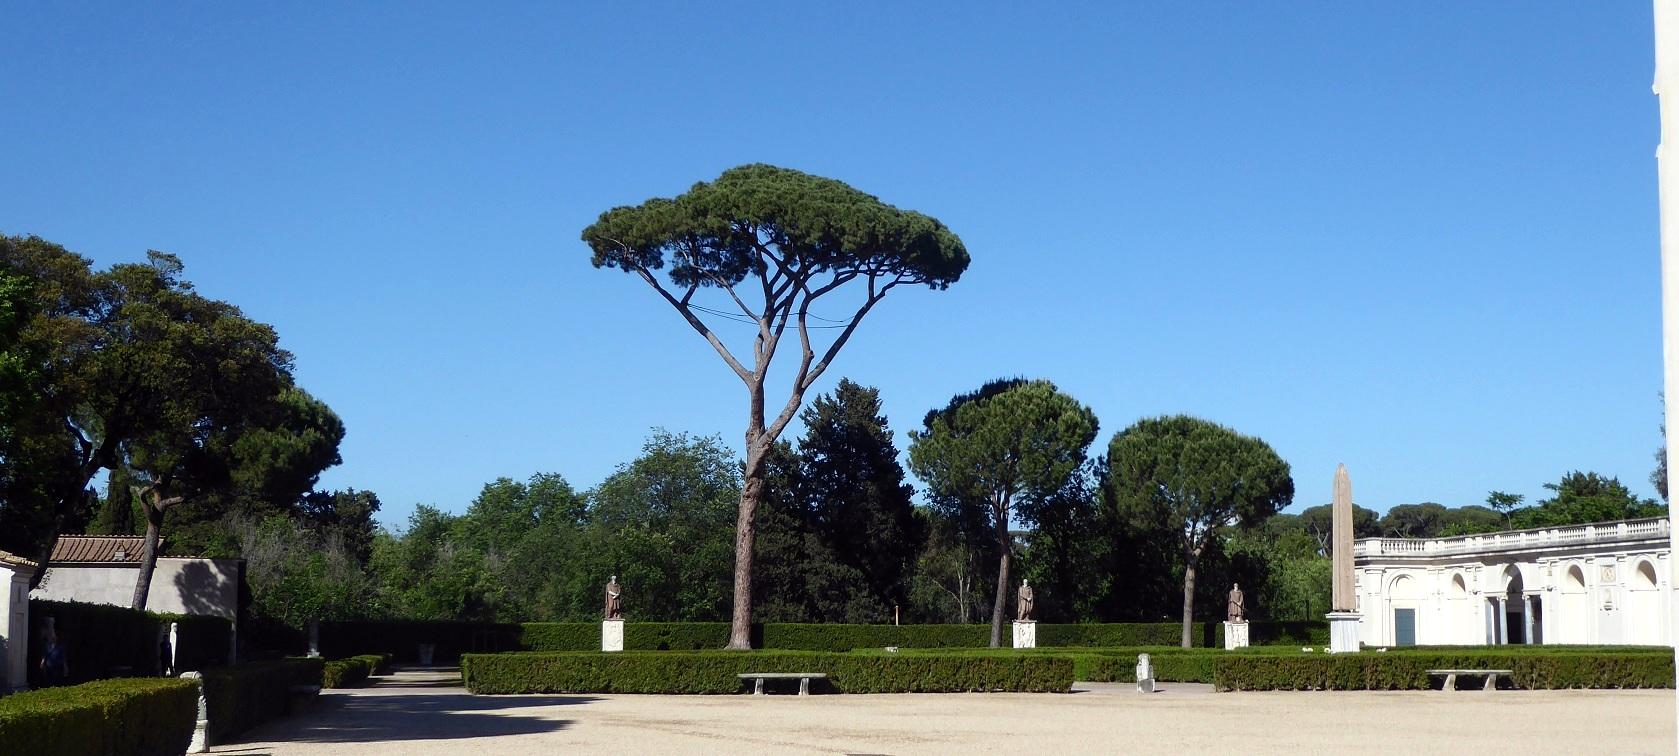 Le jardin de la villa medici histoires d 39 universit s for Les jardins de la villa